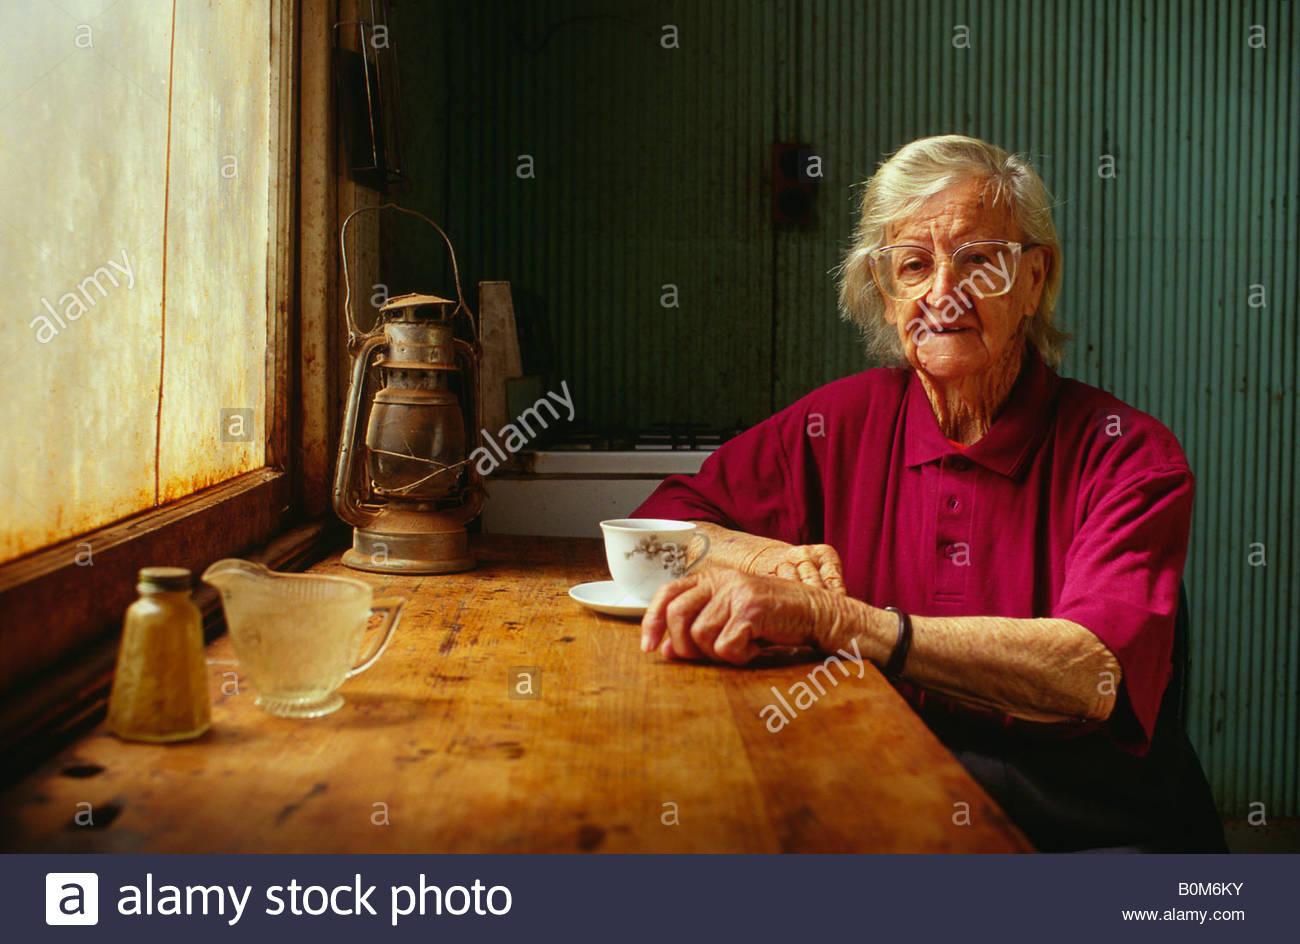 Anciana con té, Leonoro, Australia Occidental, Australia Imagen De Stock